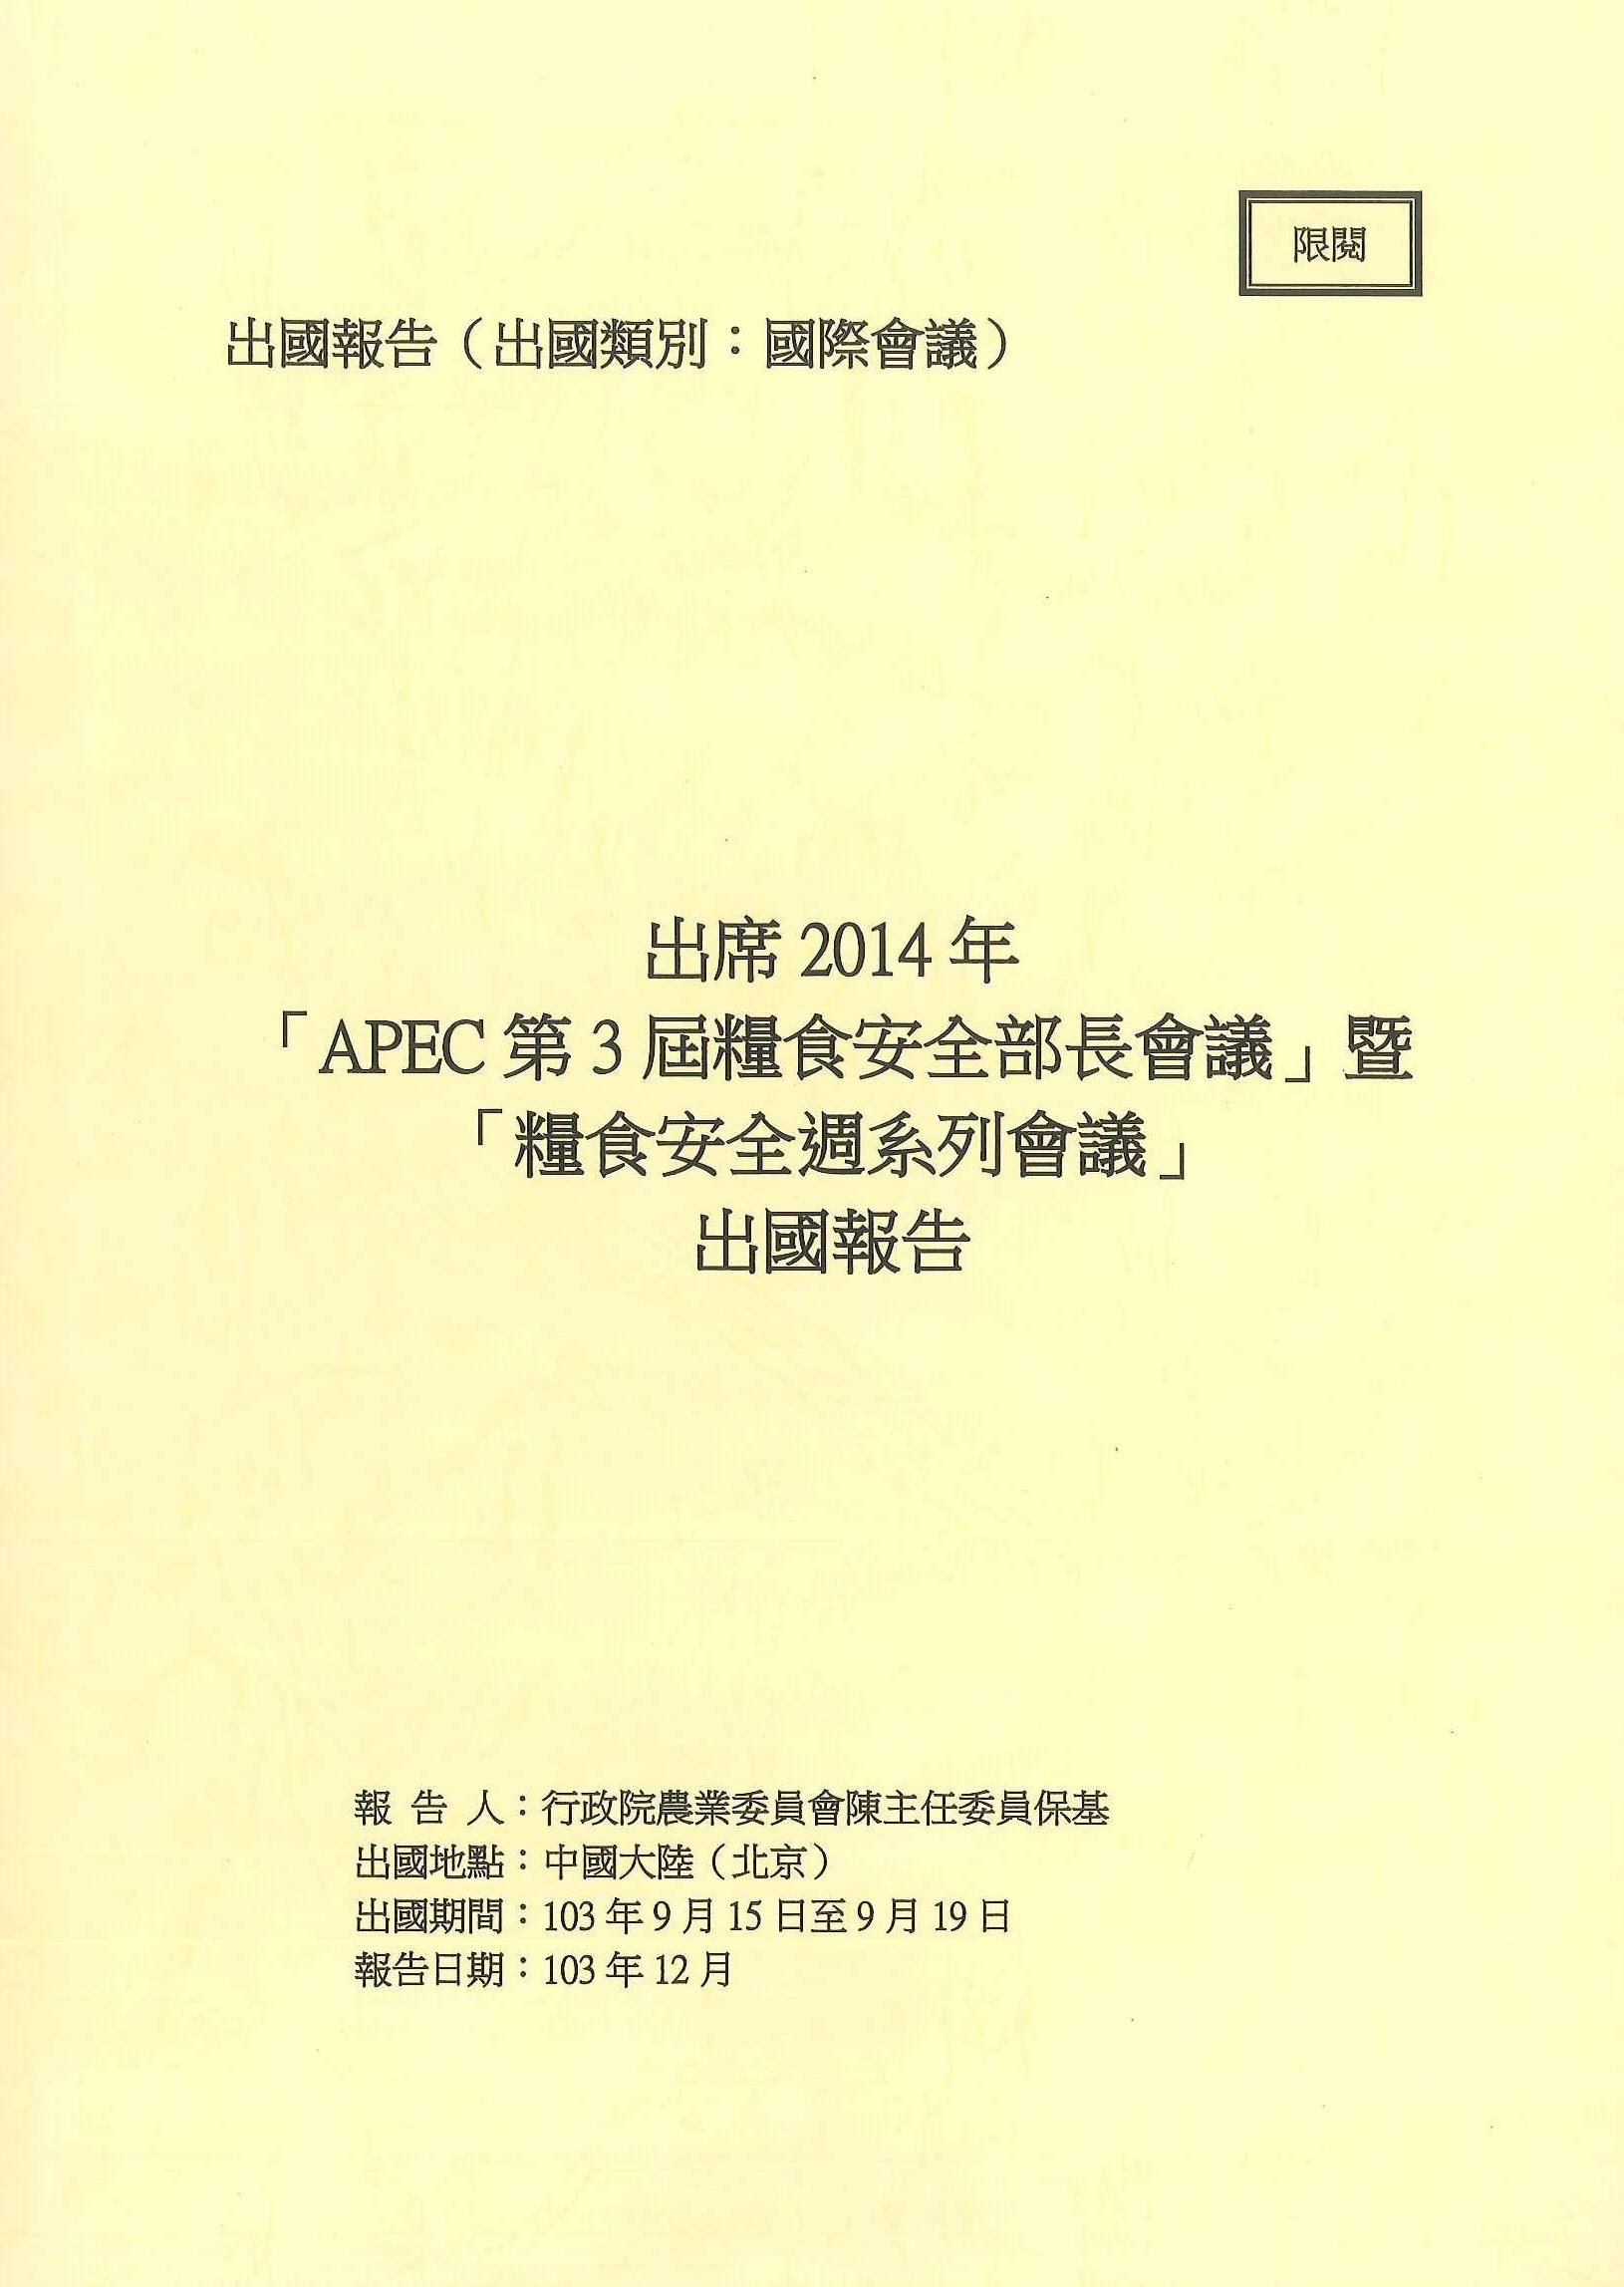 出席2014年「APEC第3屆糧食安全部長會議」暨「糧食安全週系列會議」出國報告